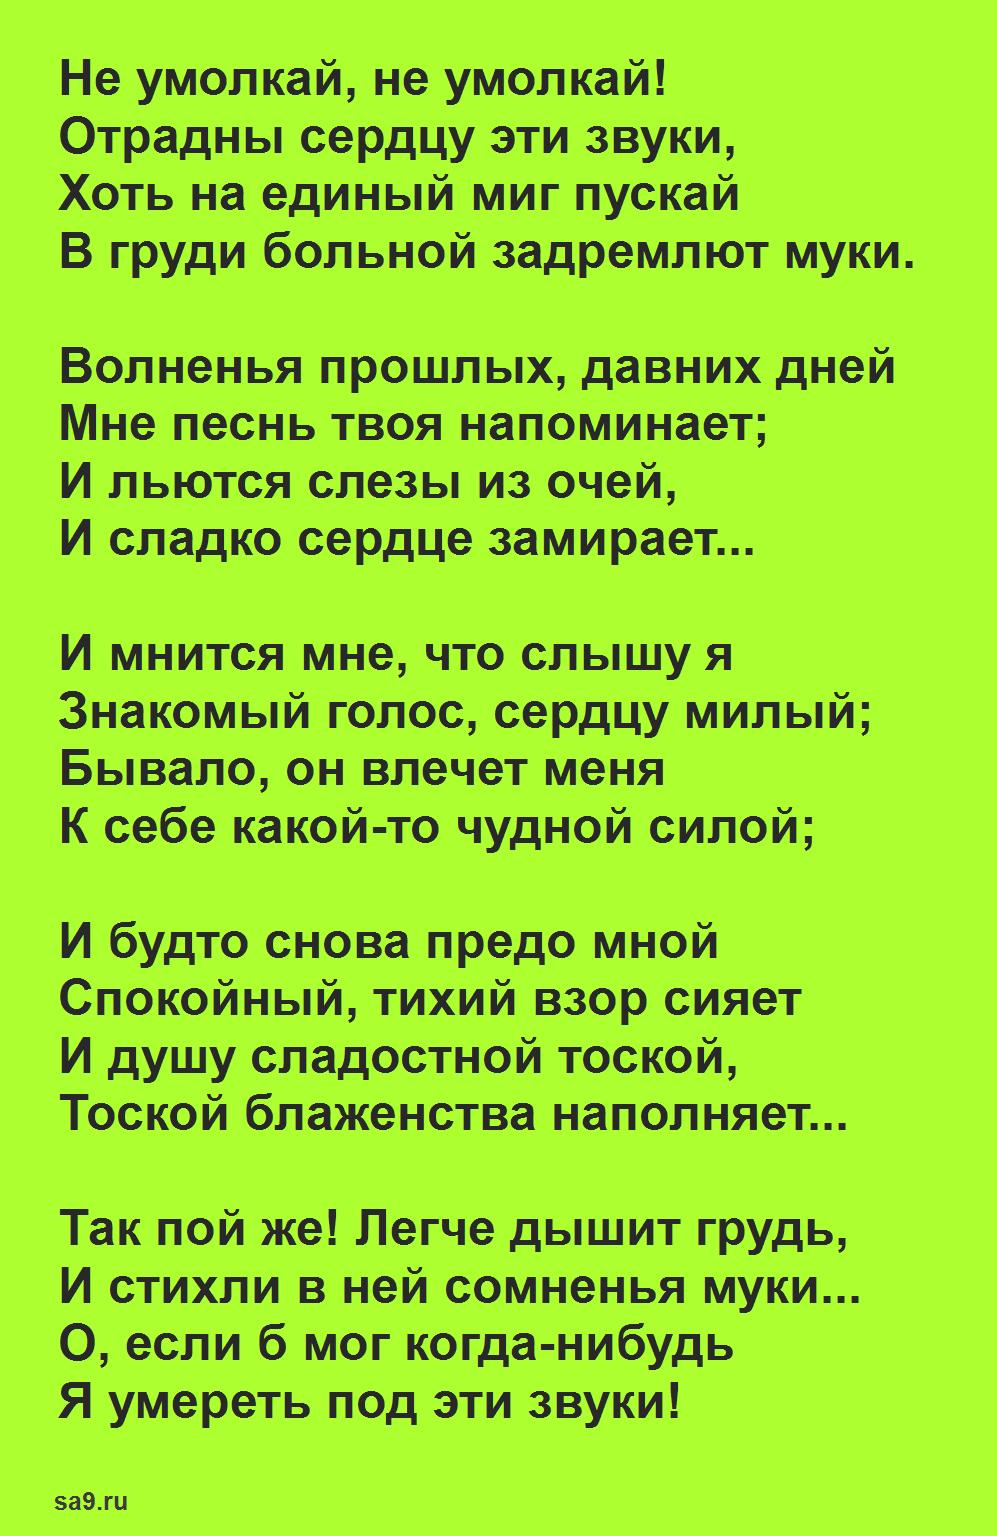 Стихи Плещеева 4 класс - Звуки